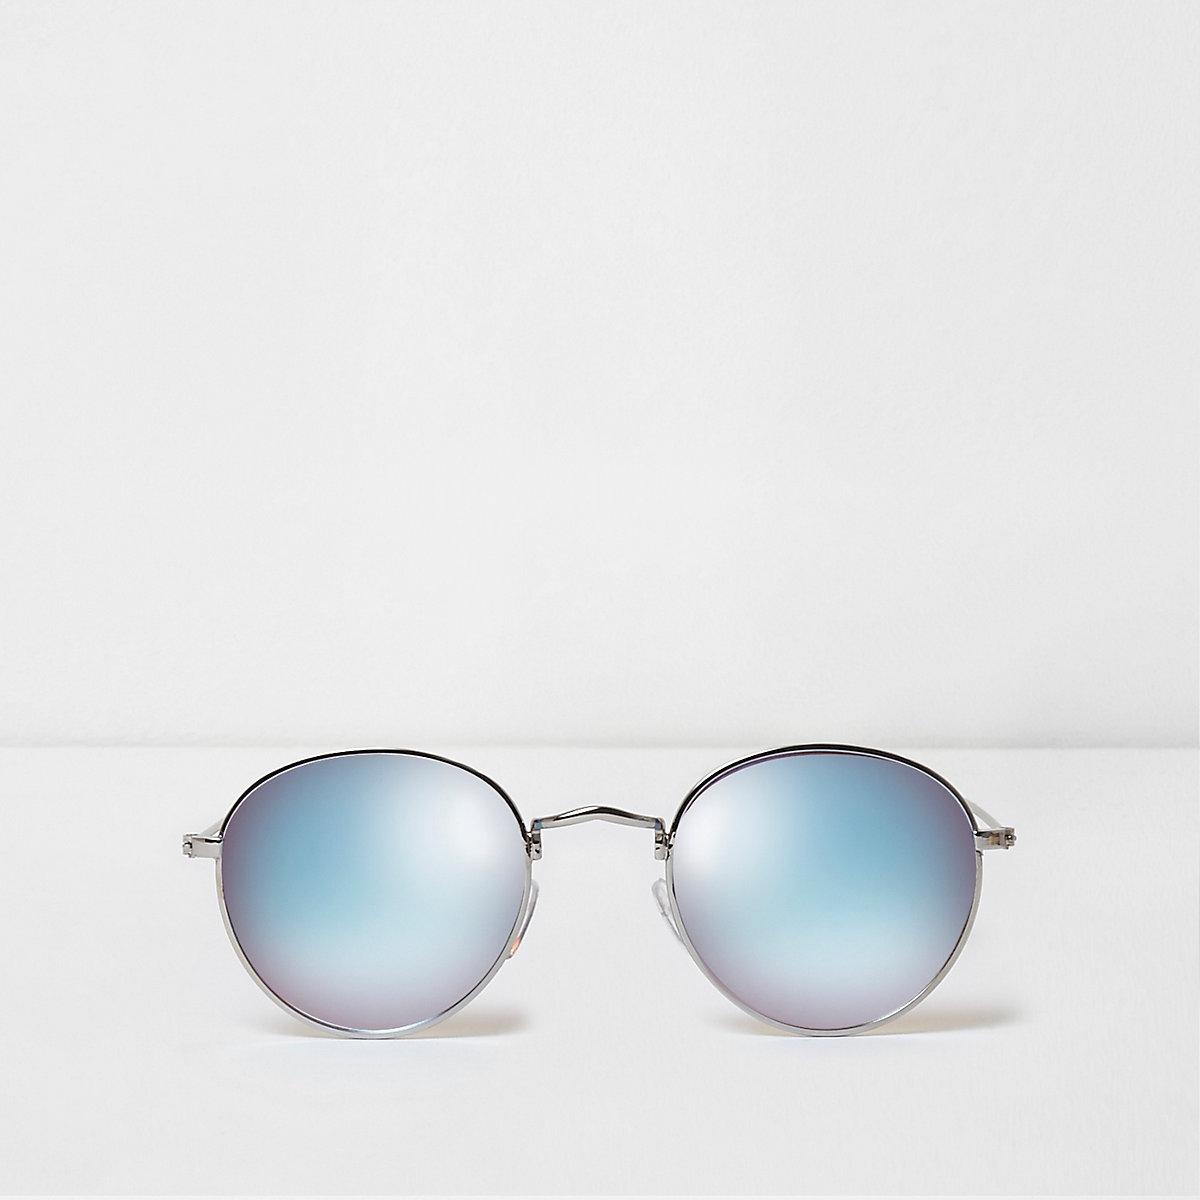 Silver tone blue mirror lenses sunglasses